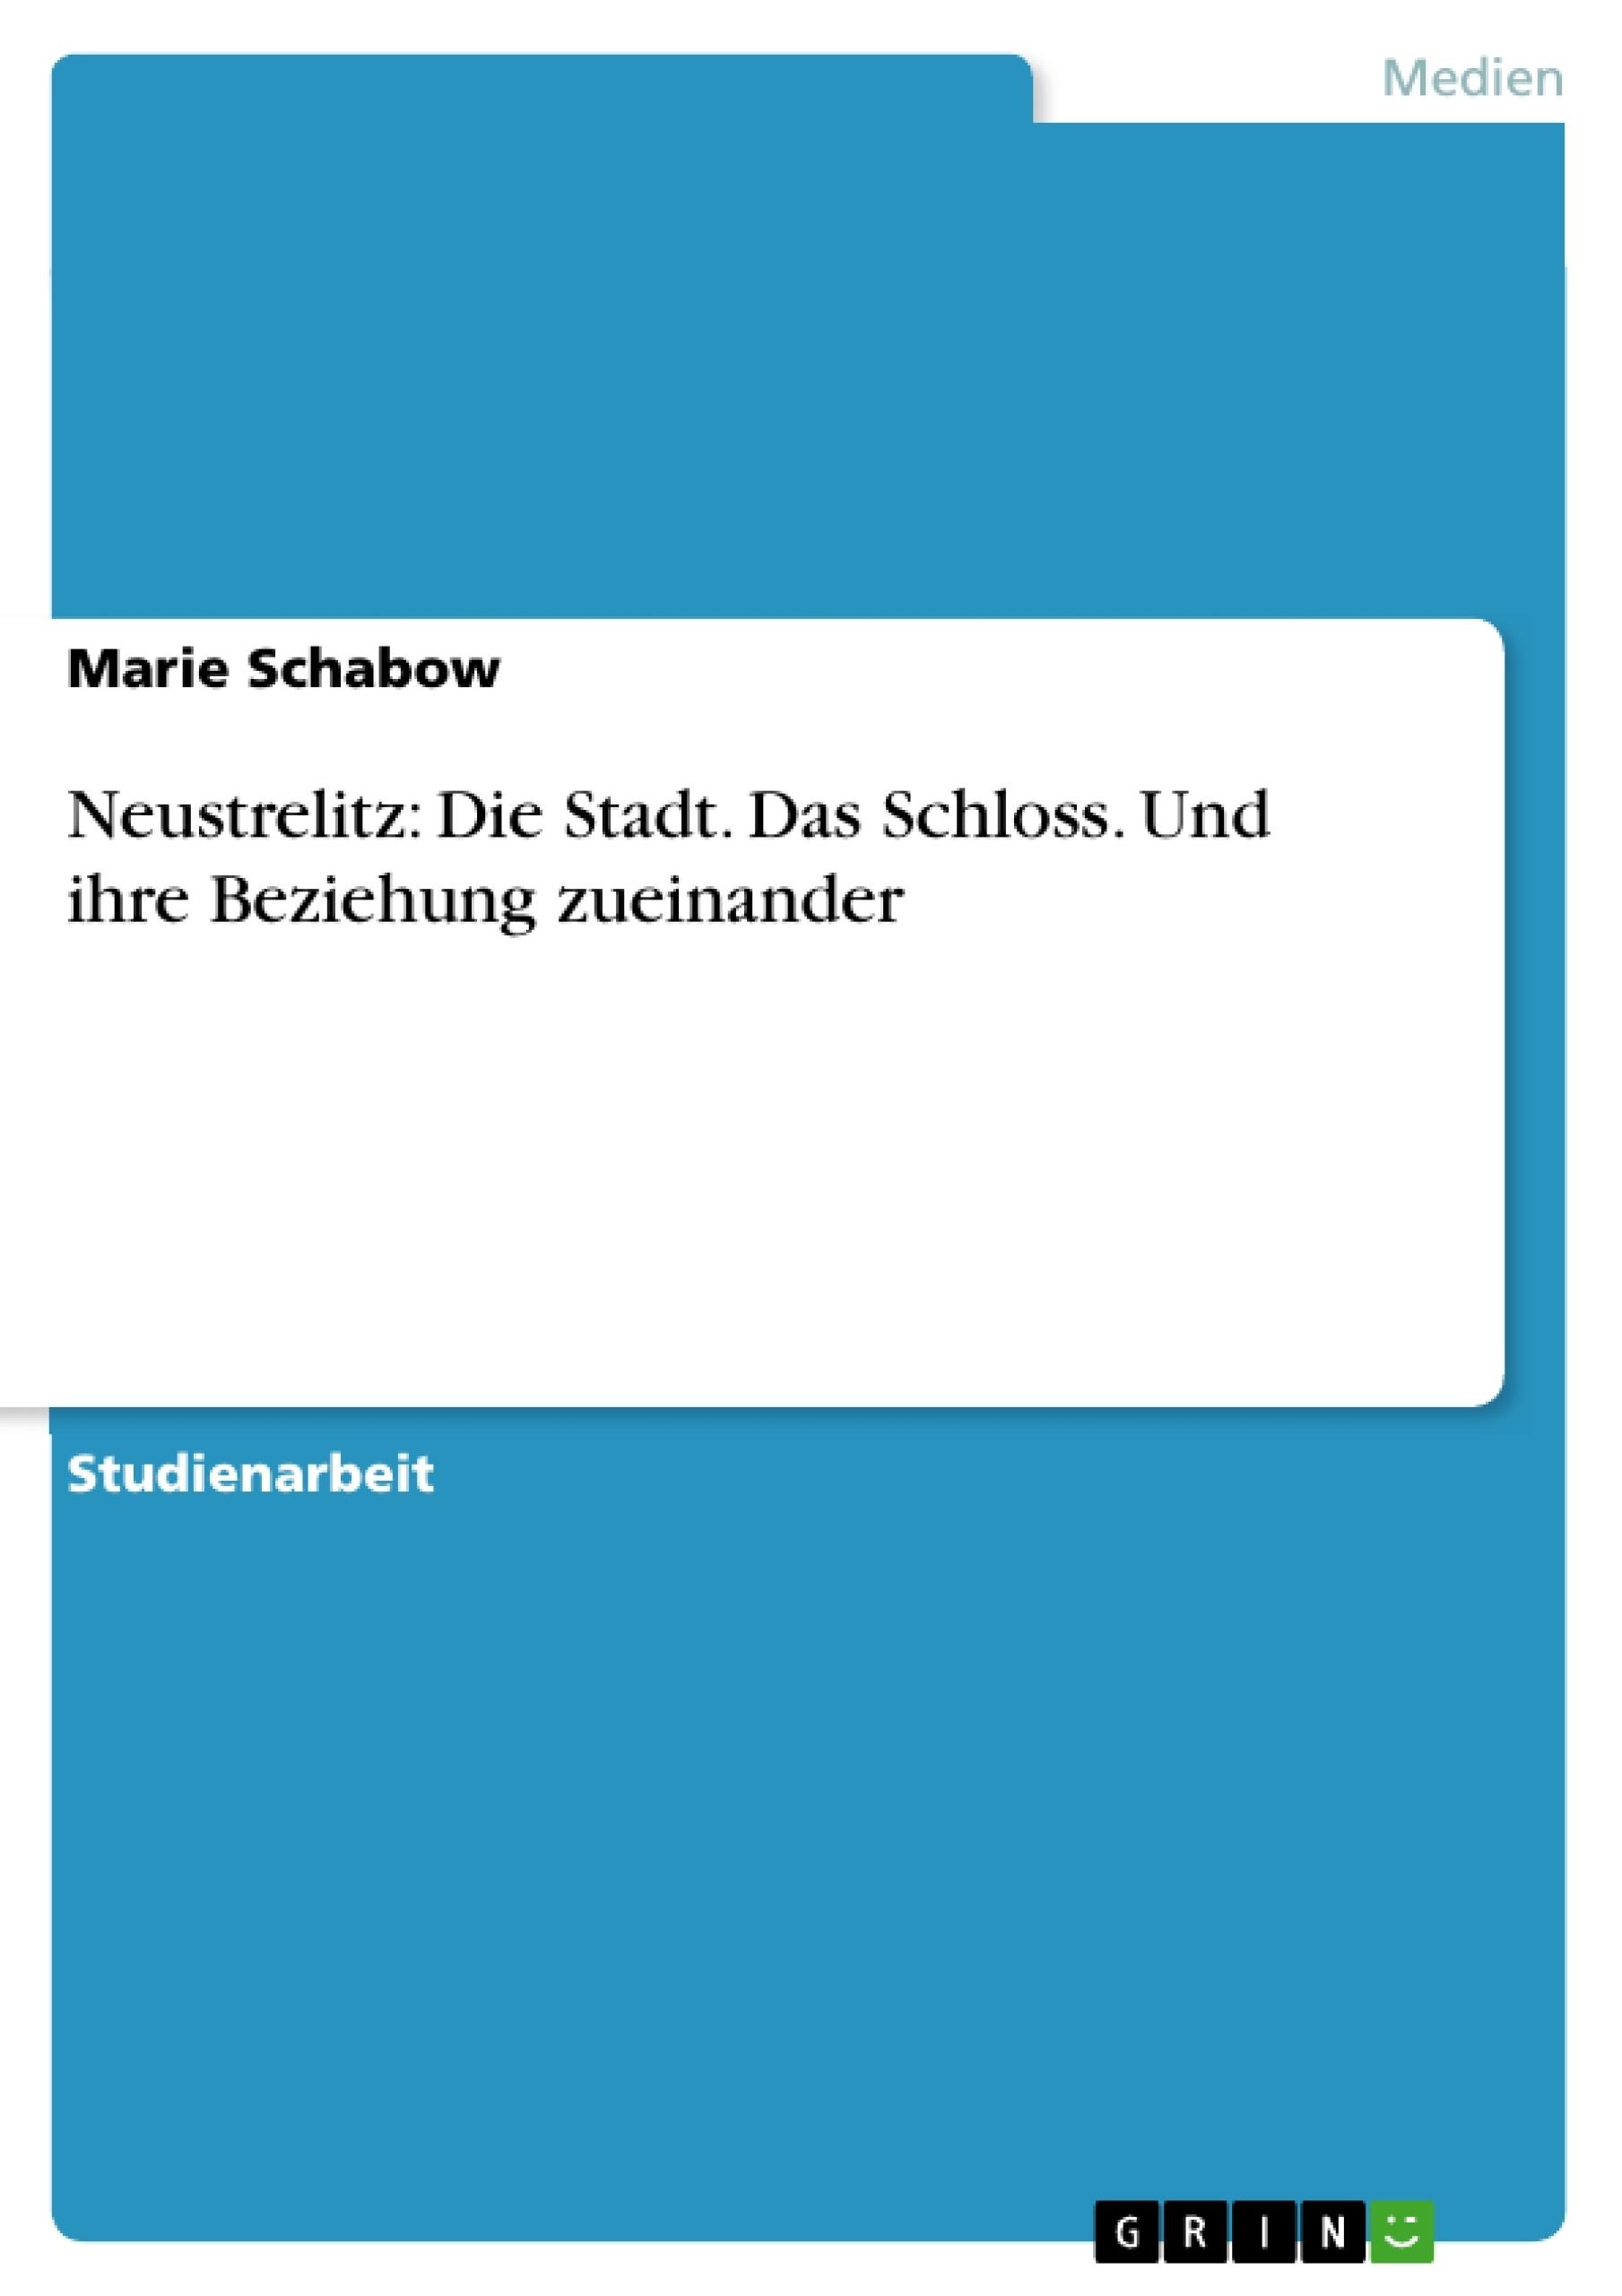 Titel: Neustrelitz: Die Stadt. Das Schloss. Und ihre Beziehung zueinander